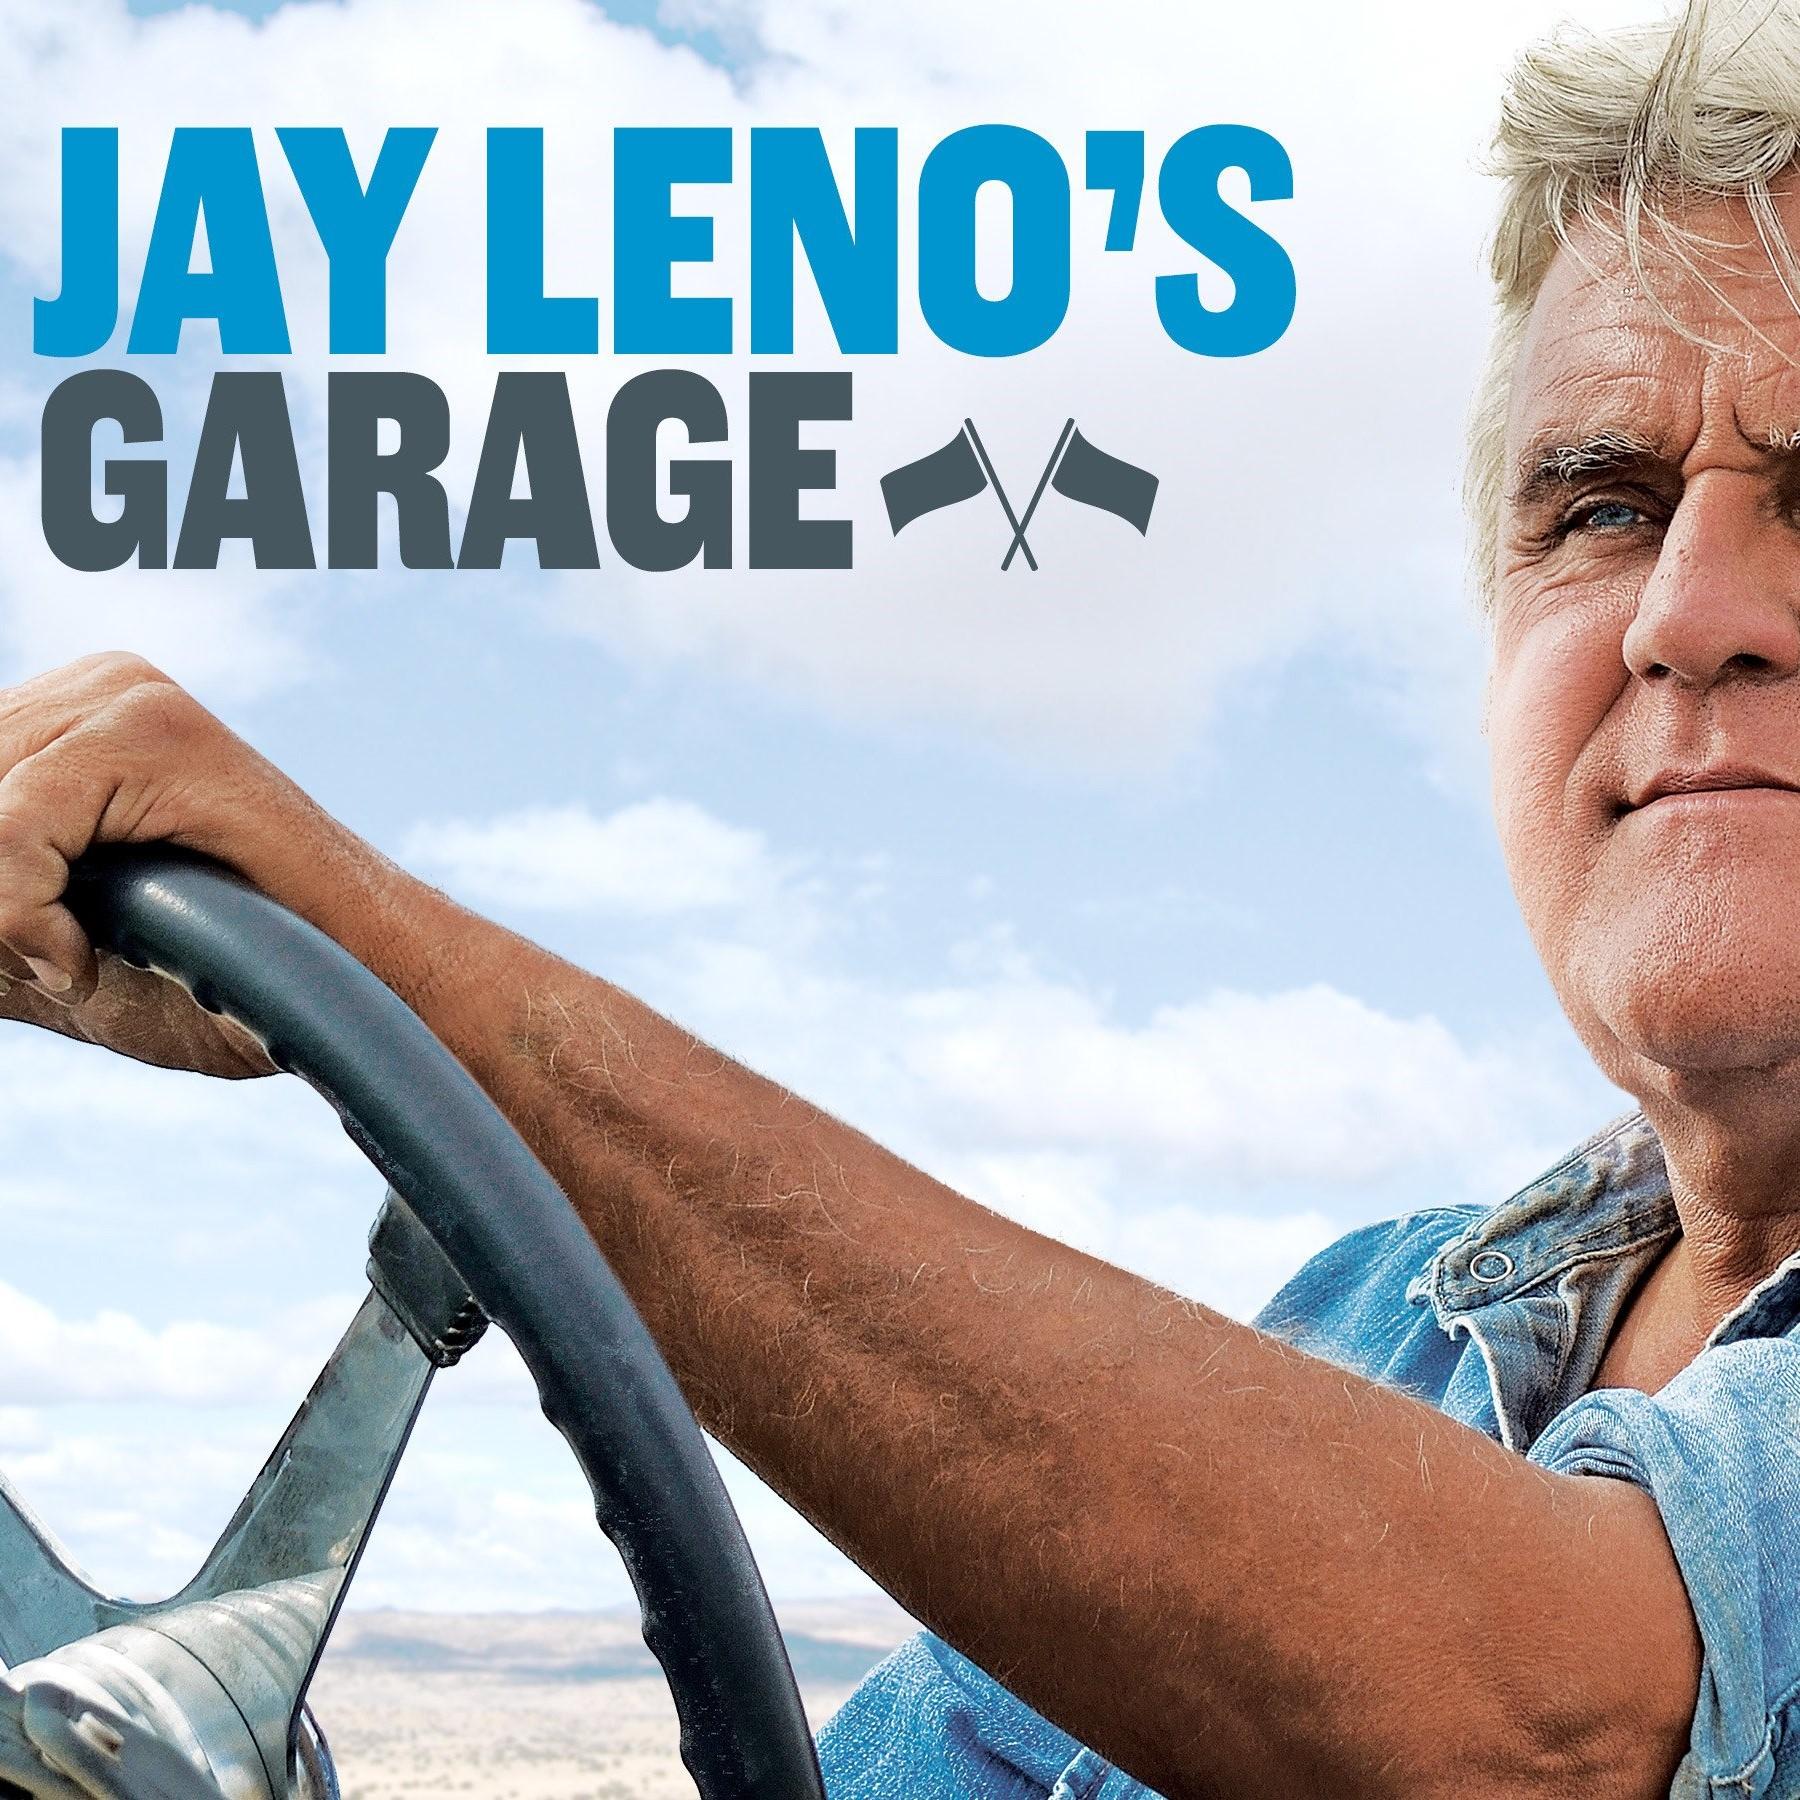 Jay Leno's Garage vierkant